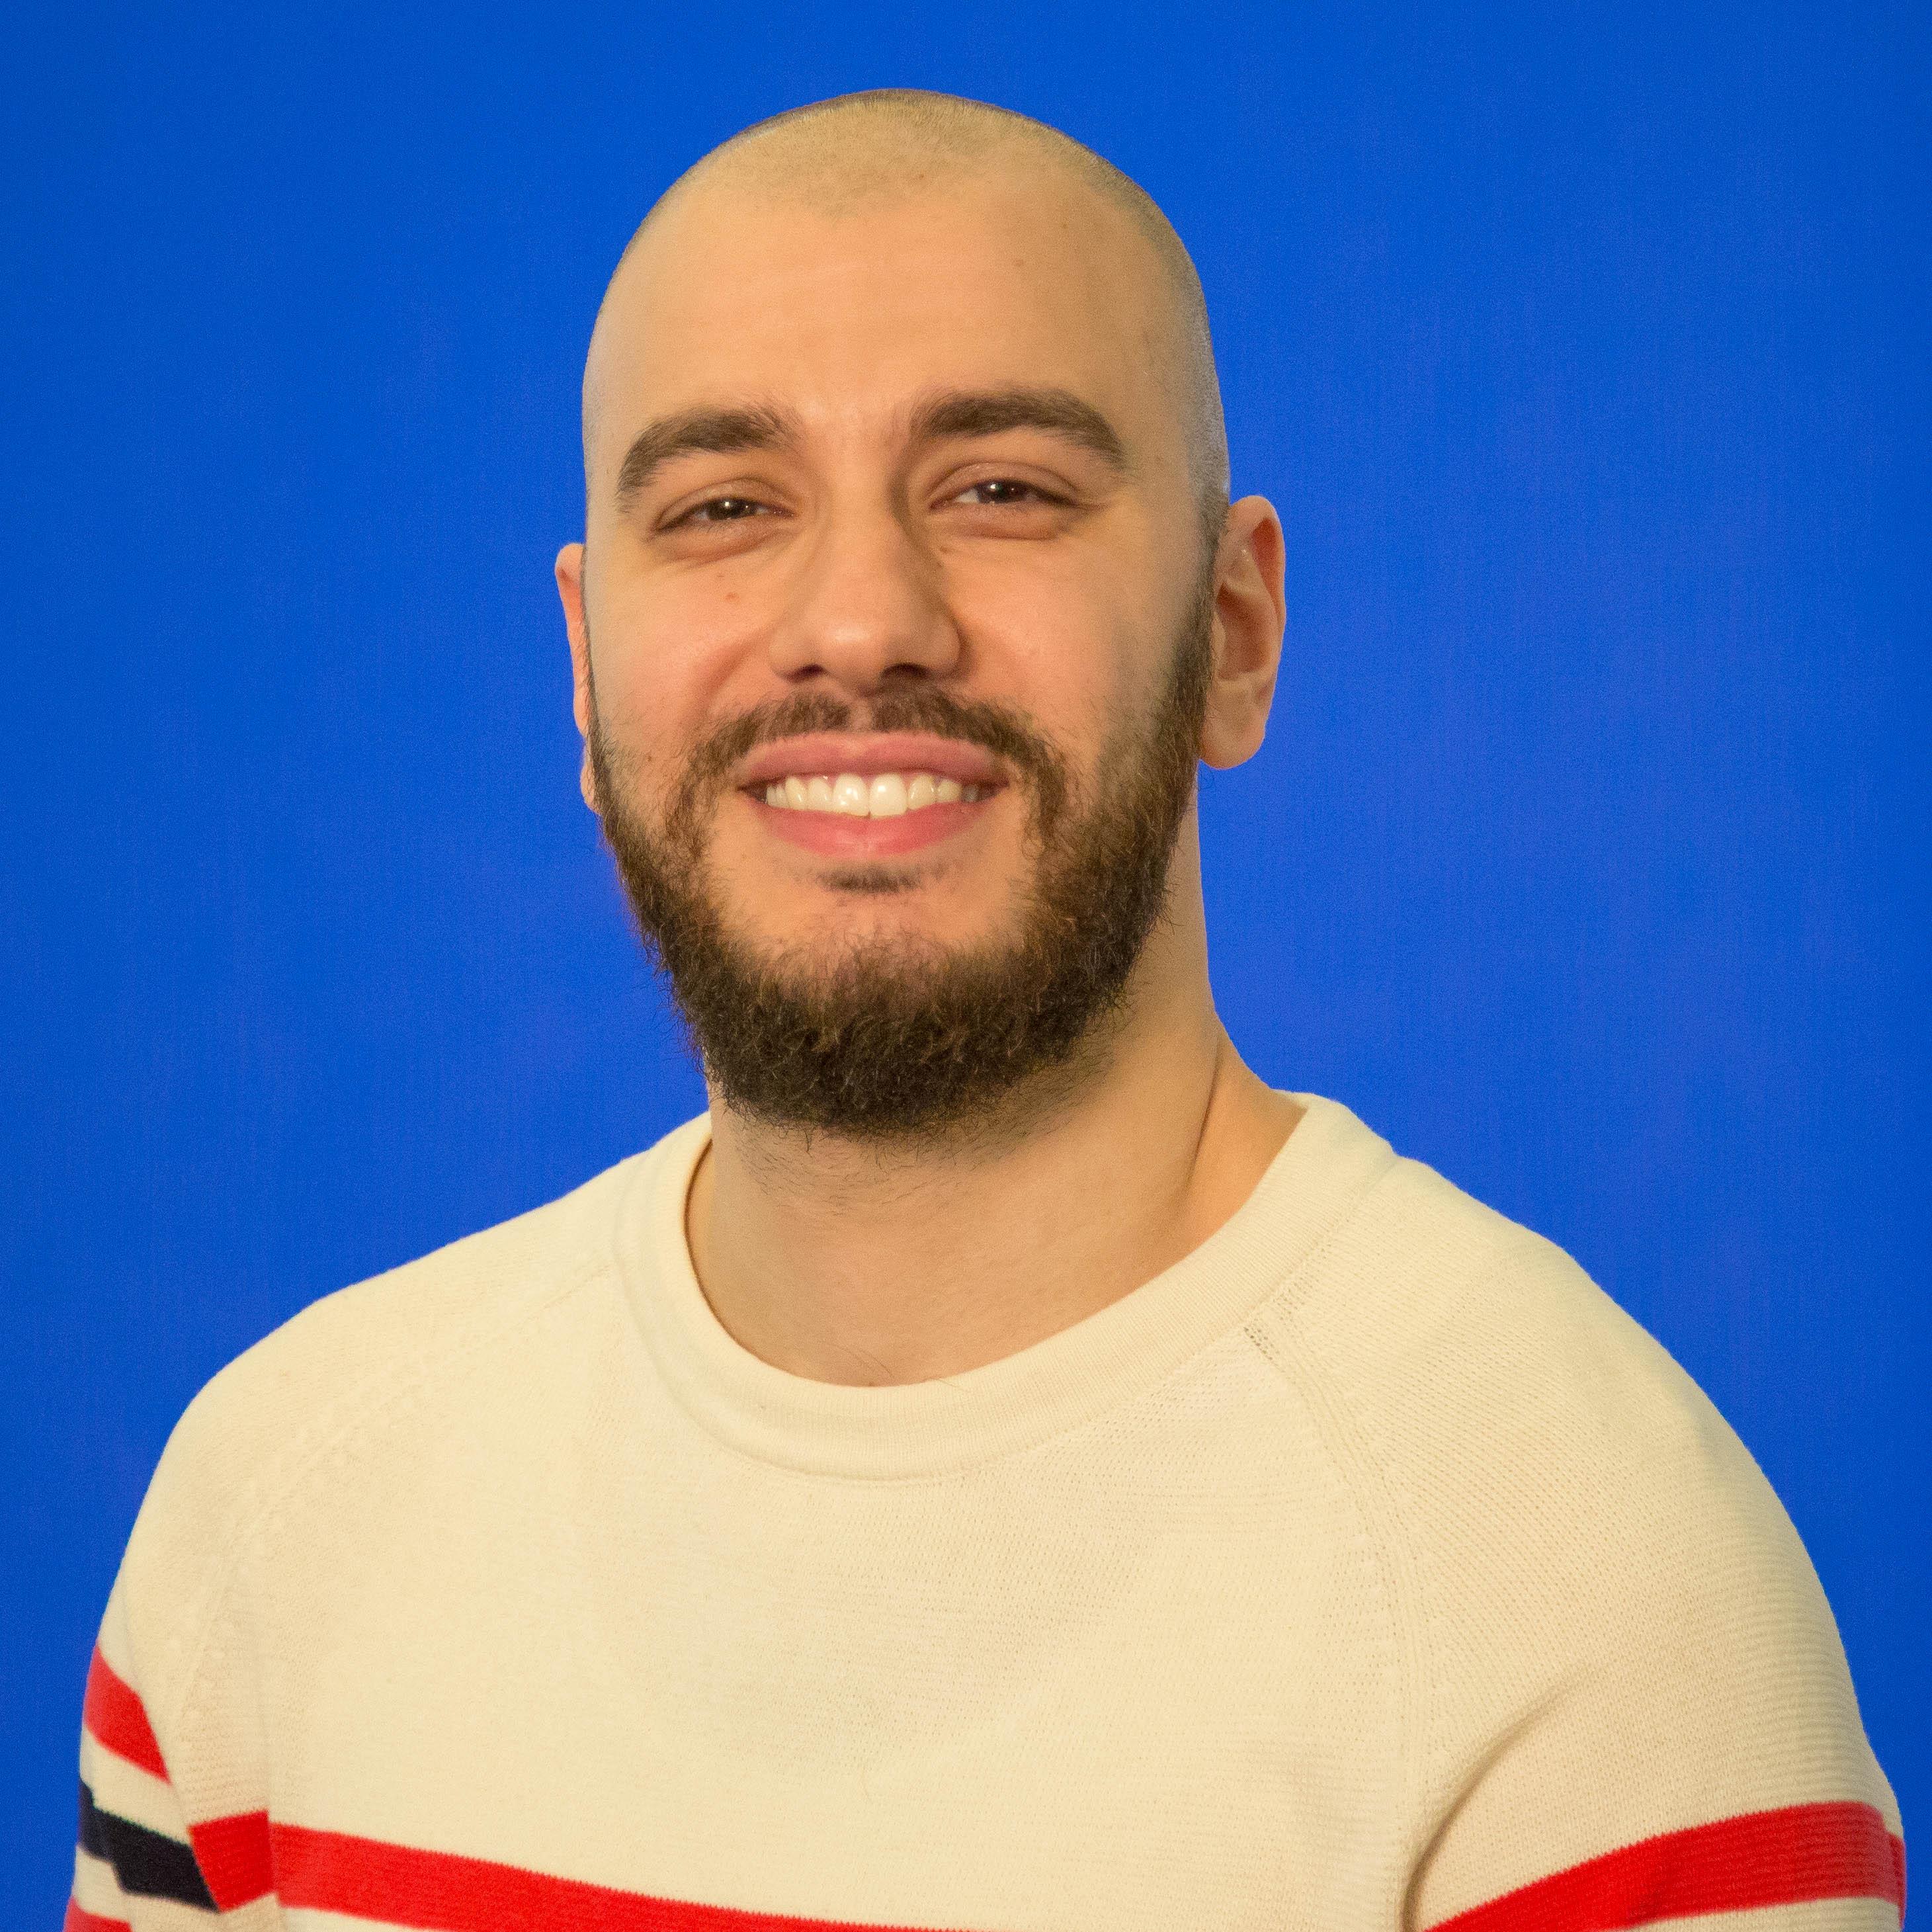 Wael Saghir